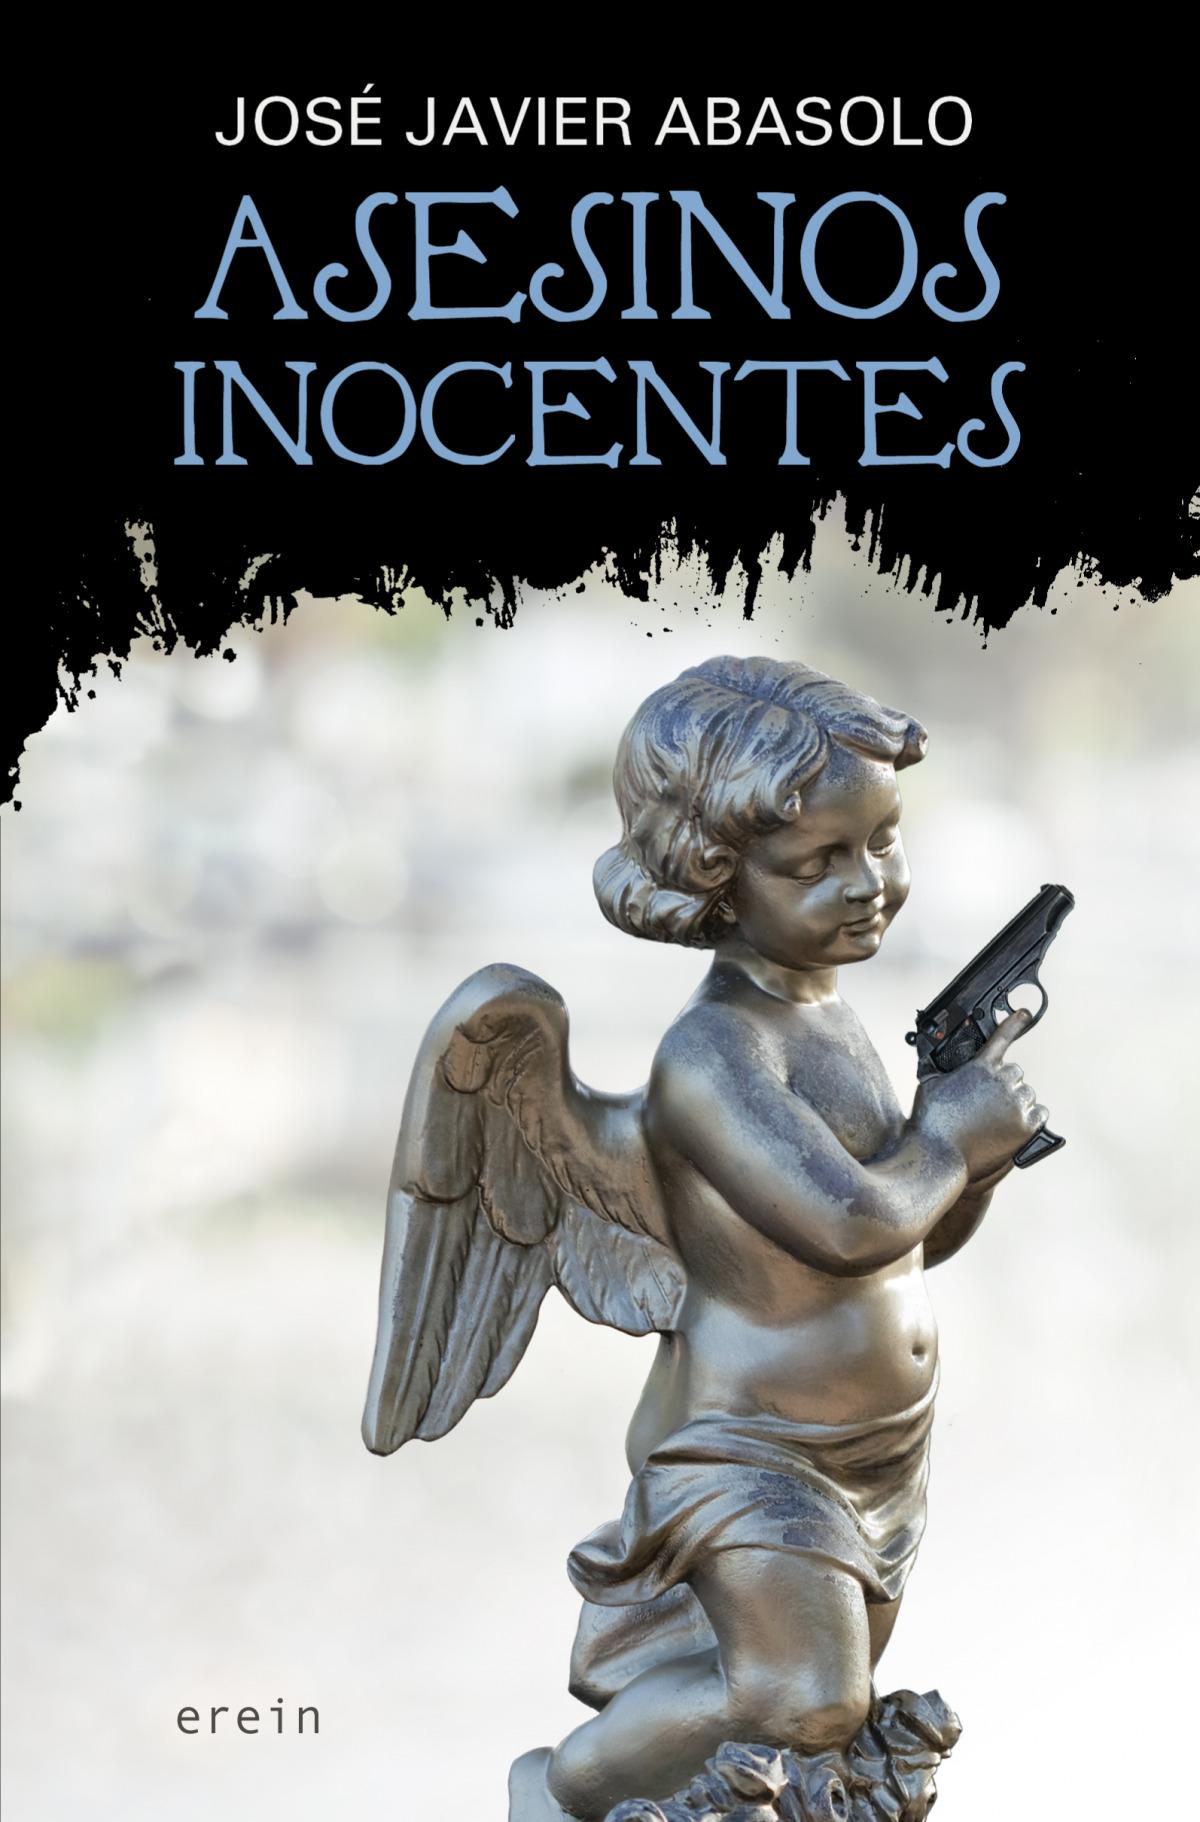 ASESINOS INOCENTES 9788491092483